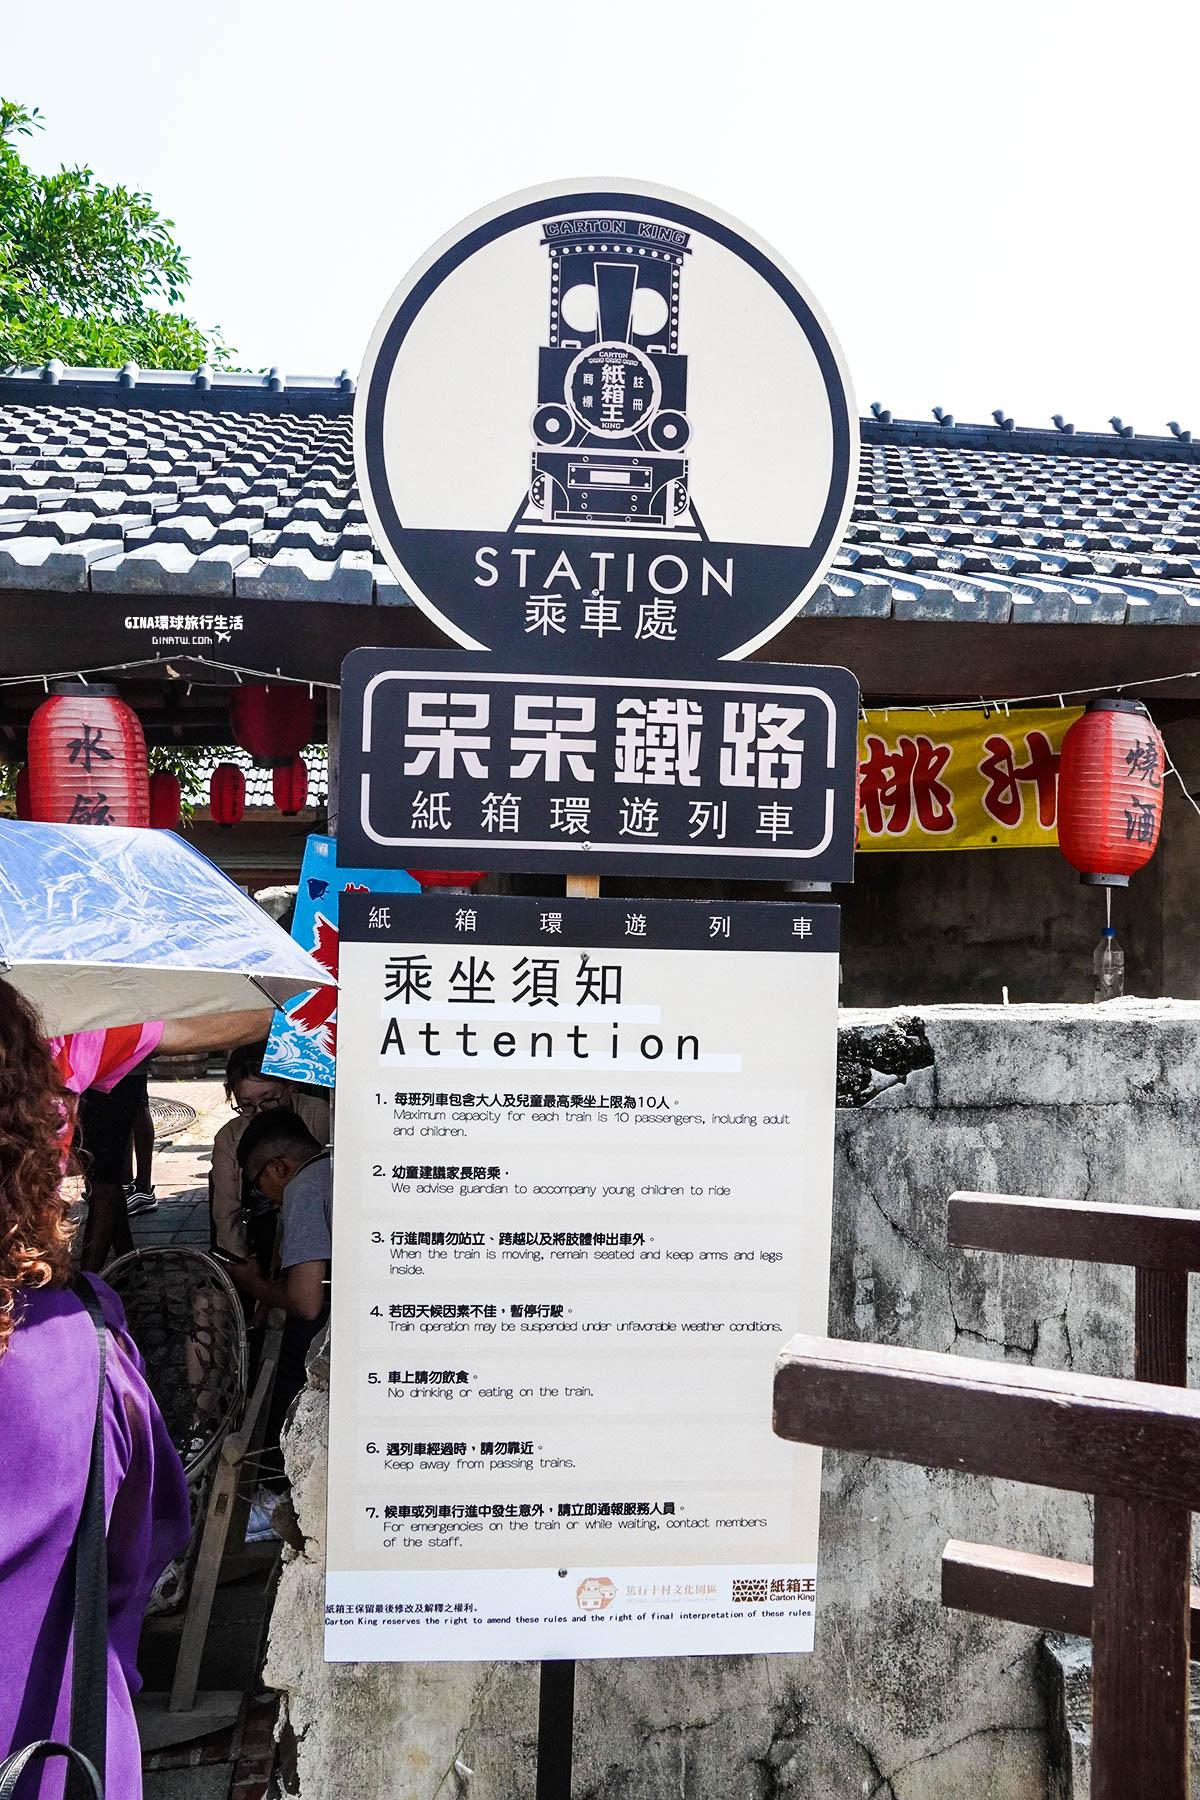 【澎湖景點2021】篤行十村眷村文化園區|復古日式老木屋|潘安邦、張雨生的故鄉 @GINA環球旅行生活